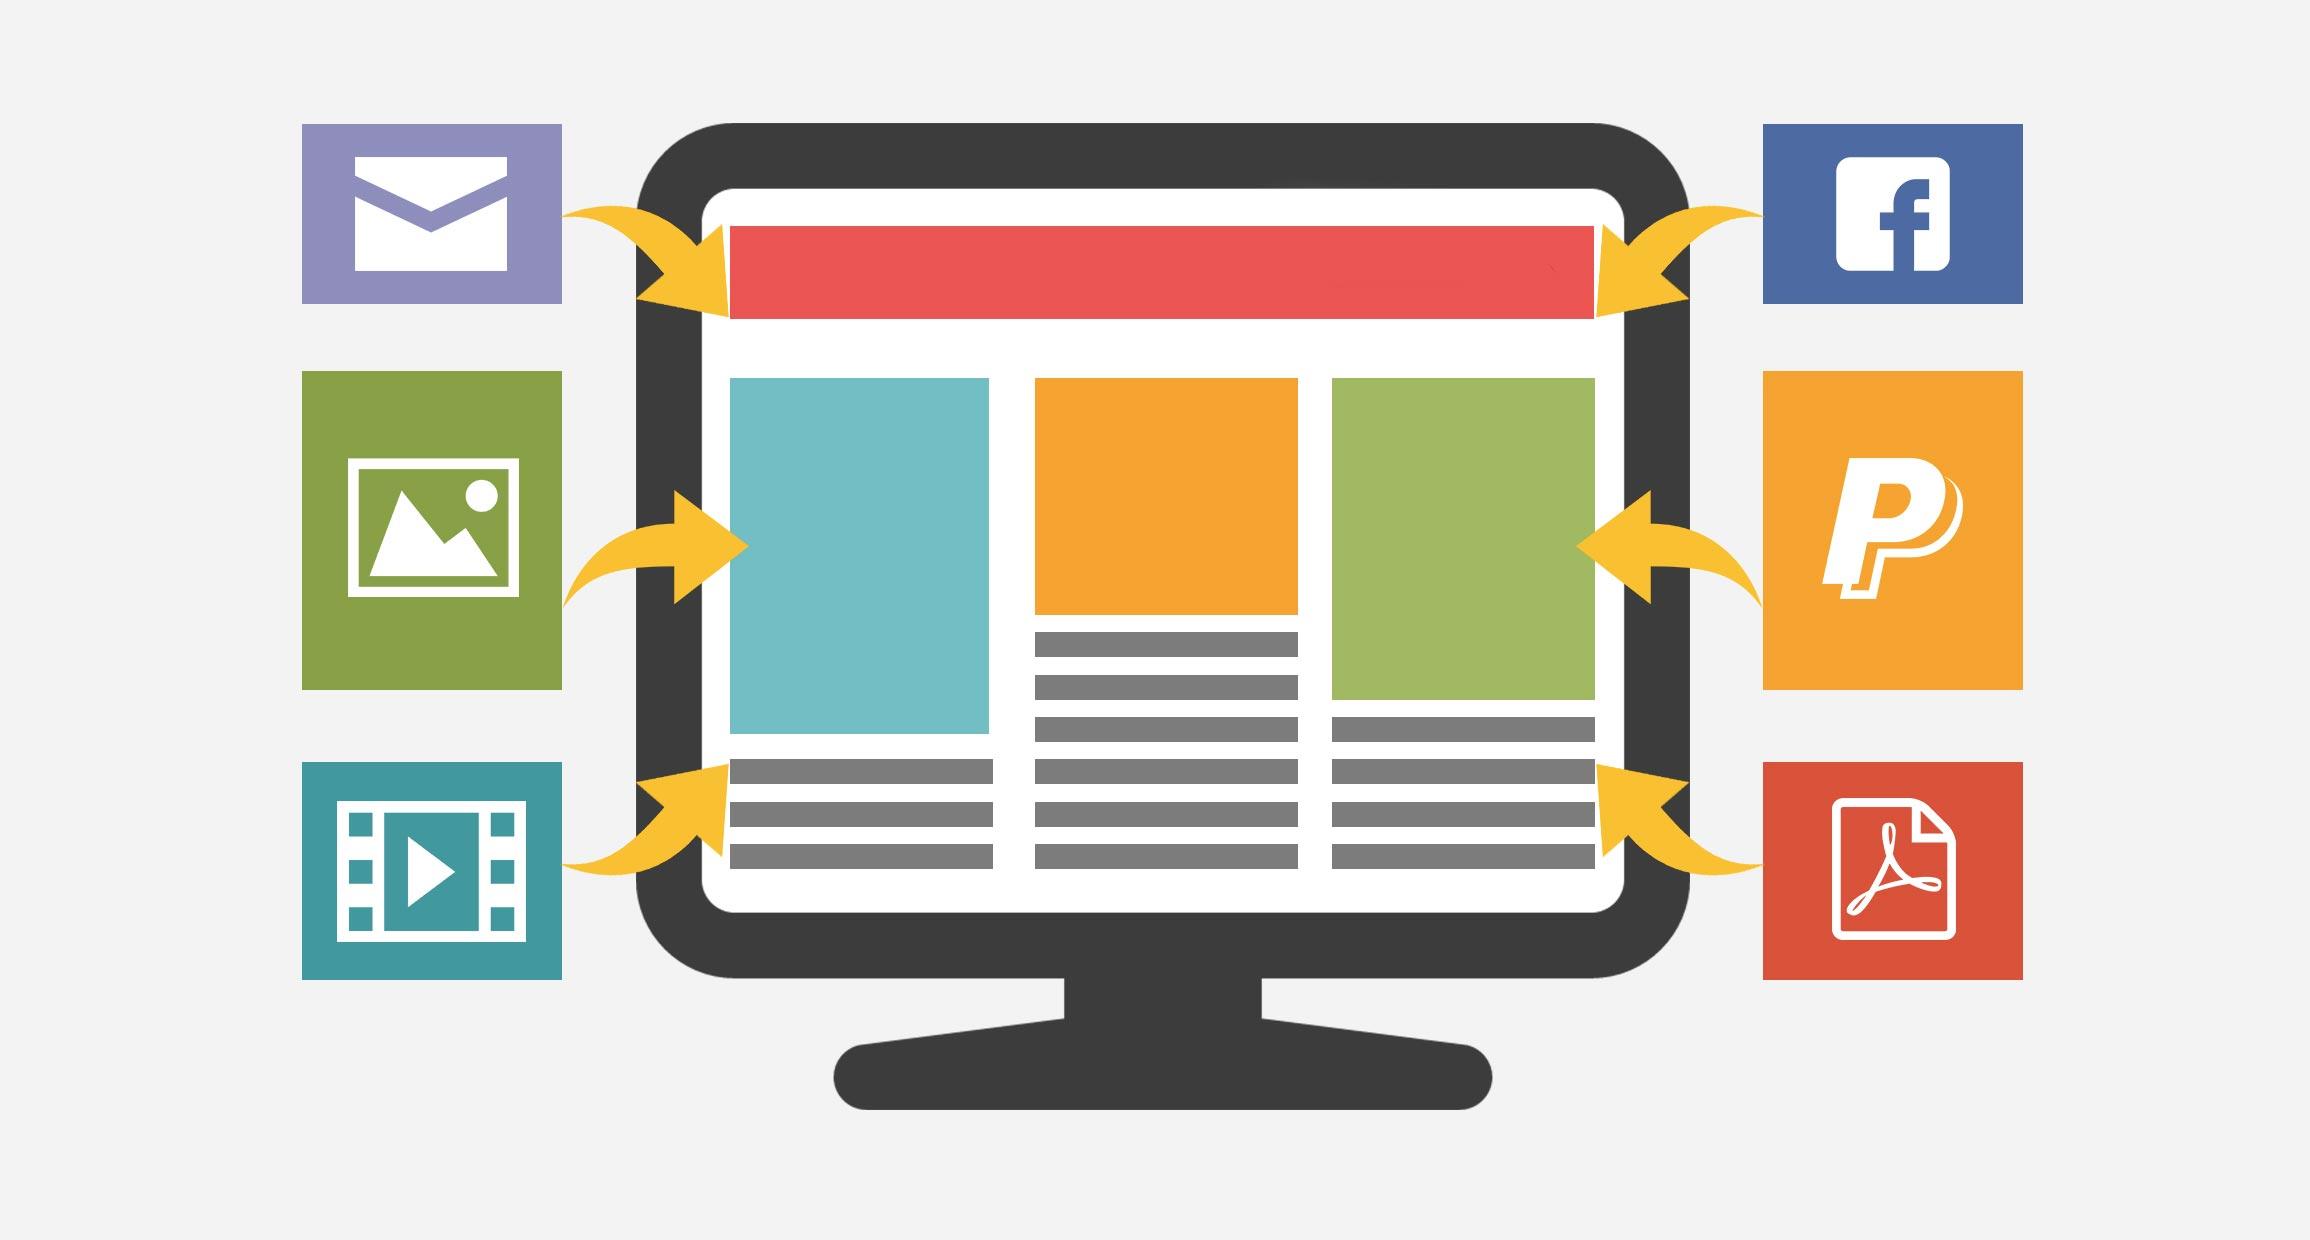 Mất bao nhiêu tiền để tạo một Blog/Website hoàn chỉnh